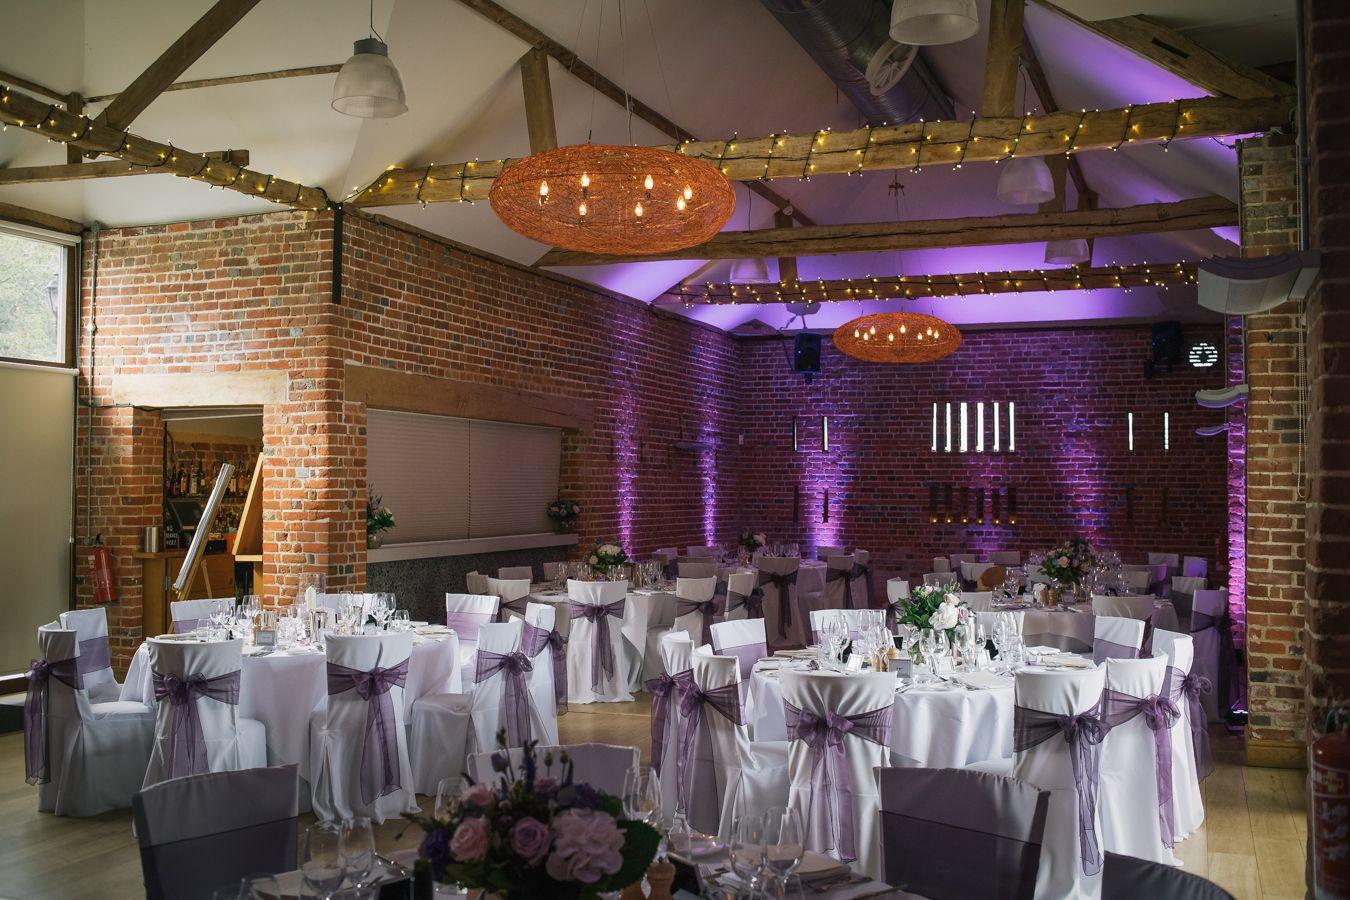 Wasing Park Castle Barn Wedding Venue Berkshire Aldermaston